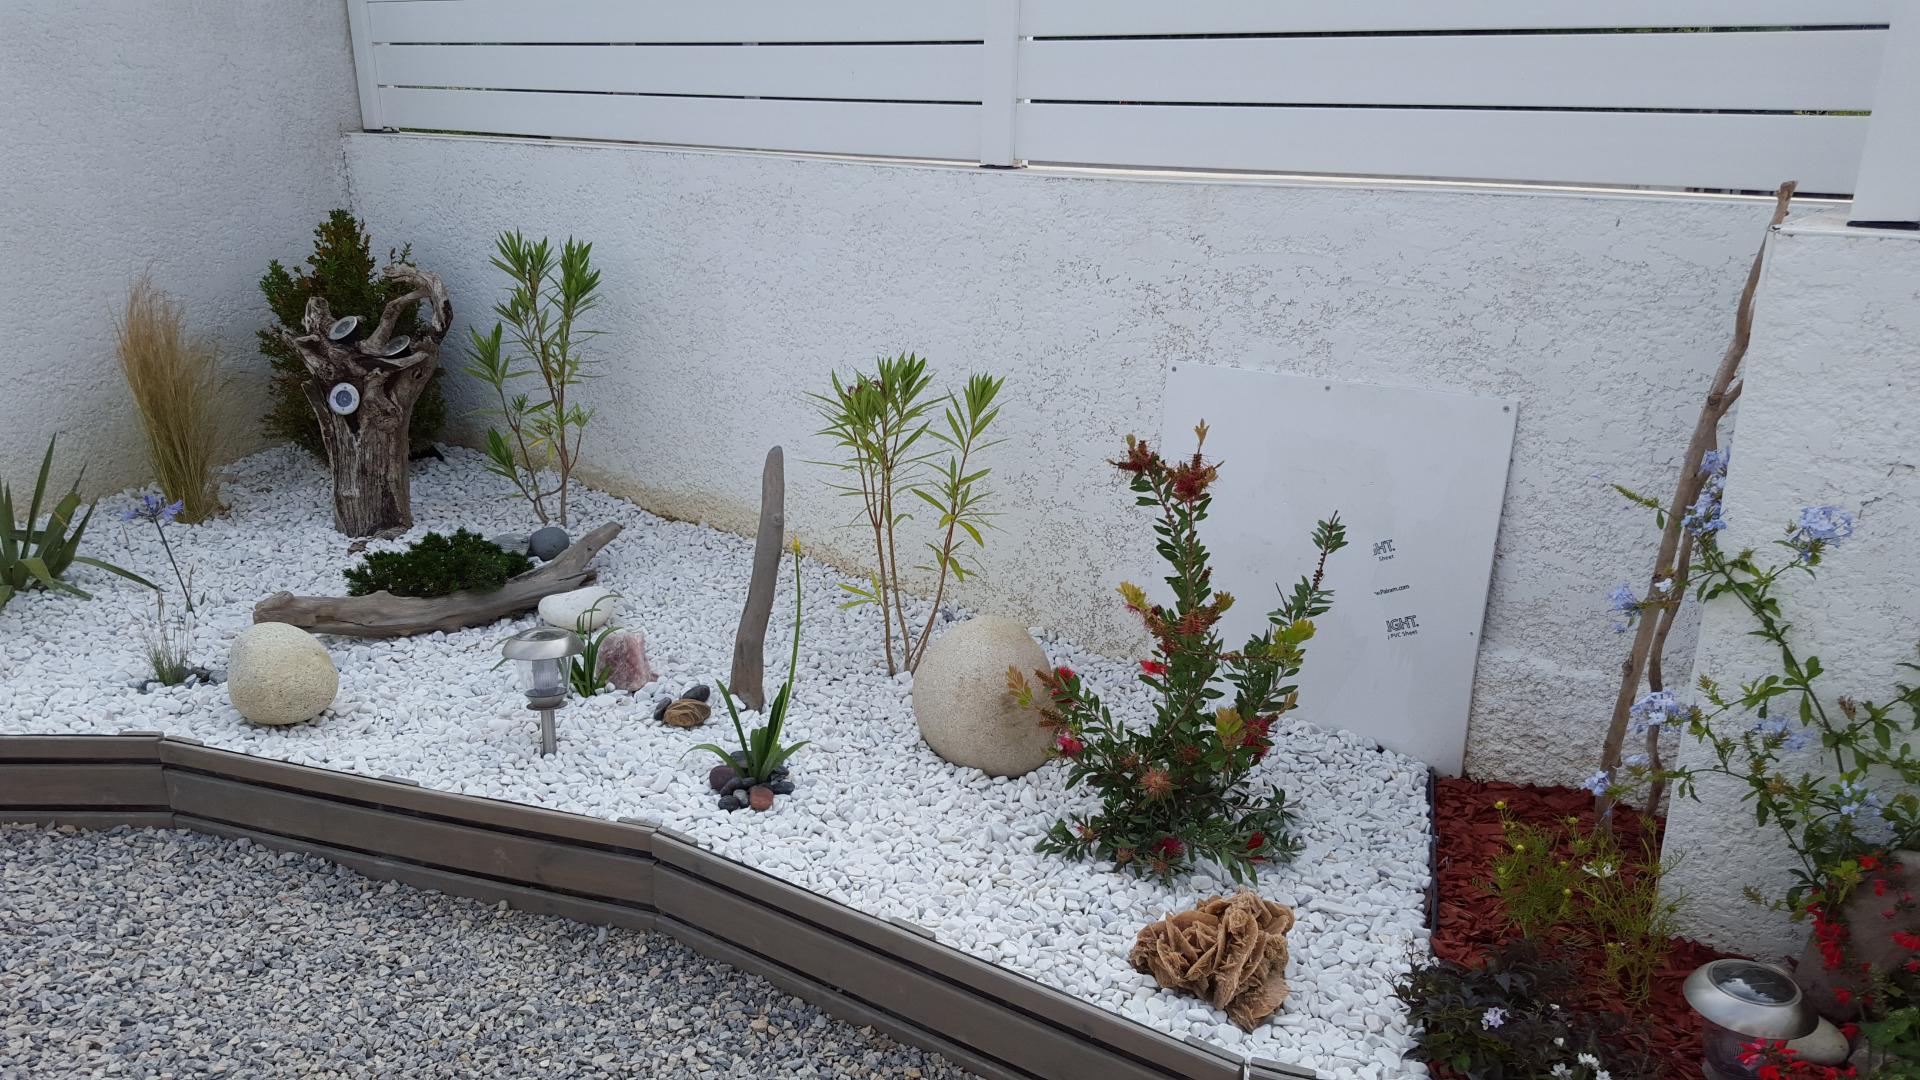 Création D'un Jardin Sec: Un Beau Jardin Avec Peu D'entretien. intérieur Creer Un Jardin Sec